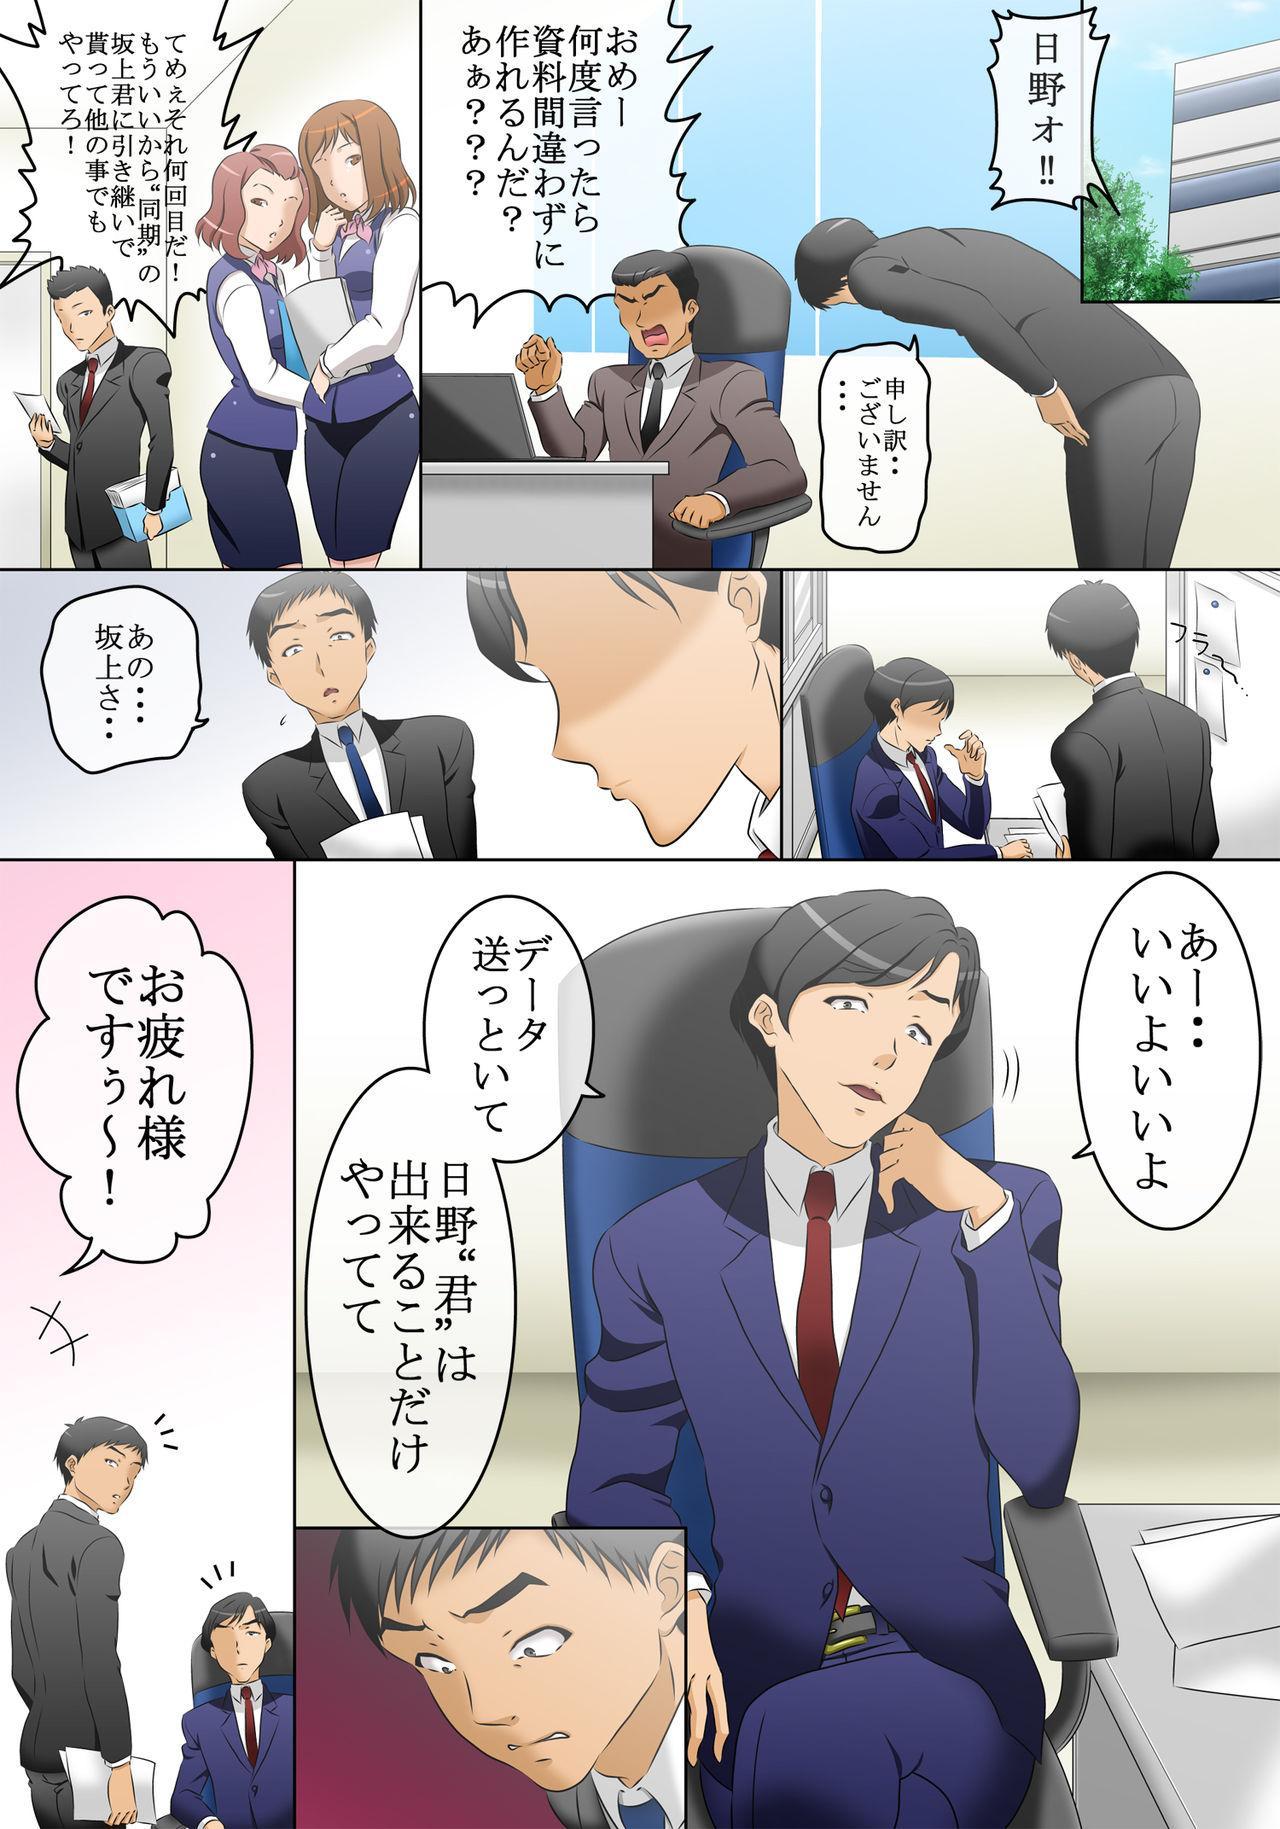 jikan teishi wo kaijo shitara 0